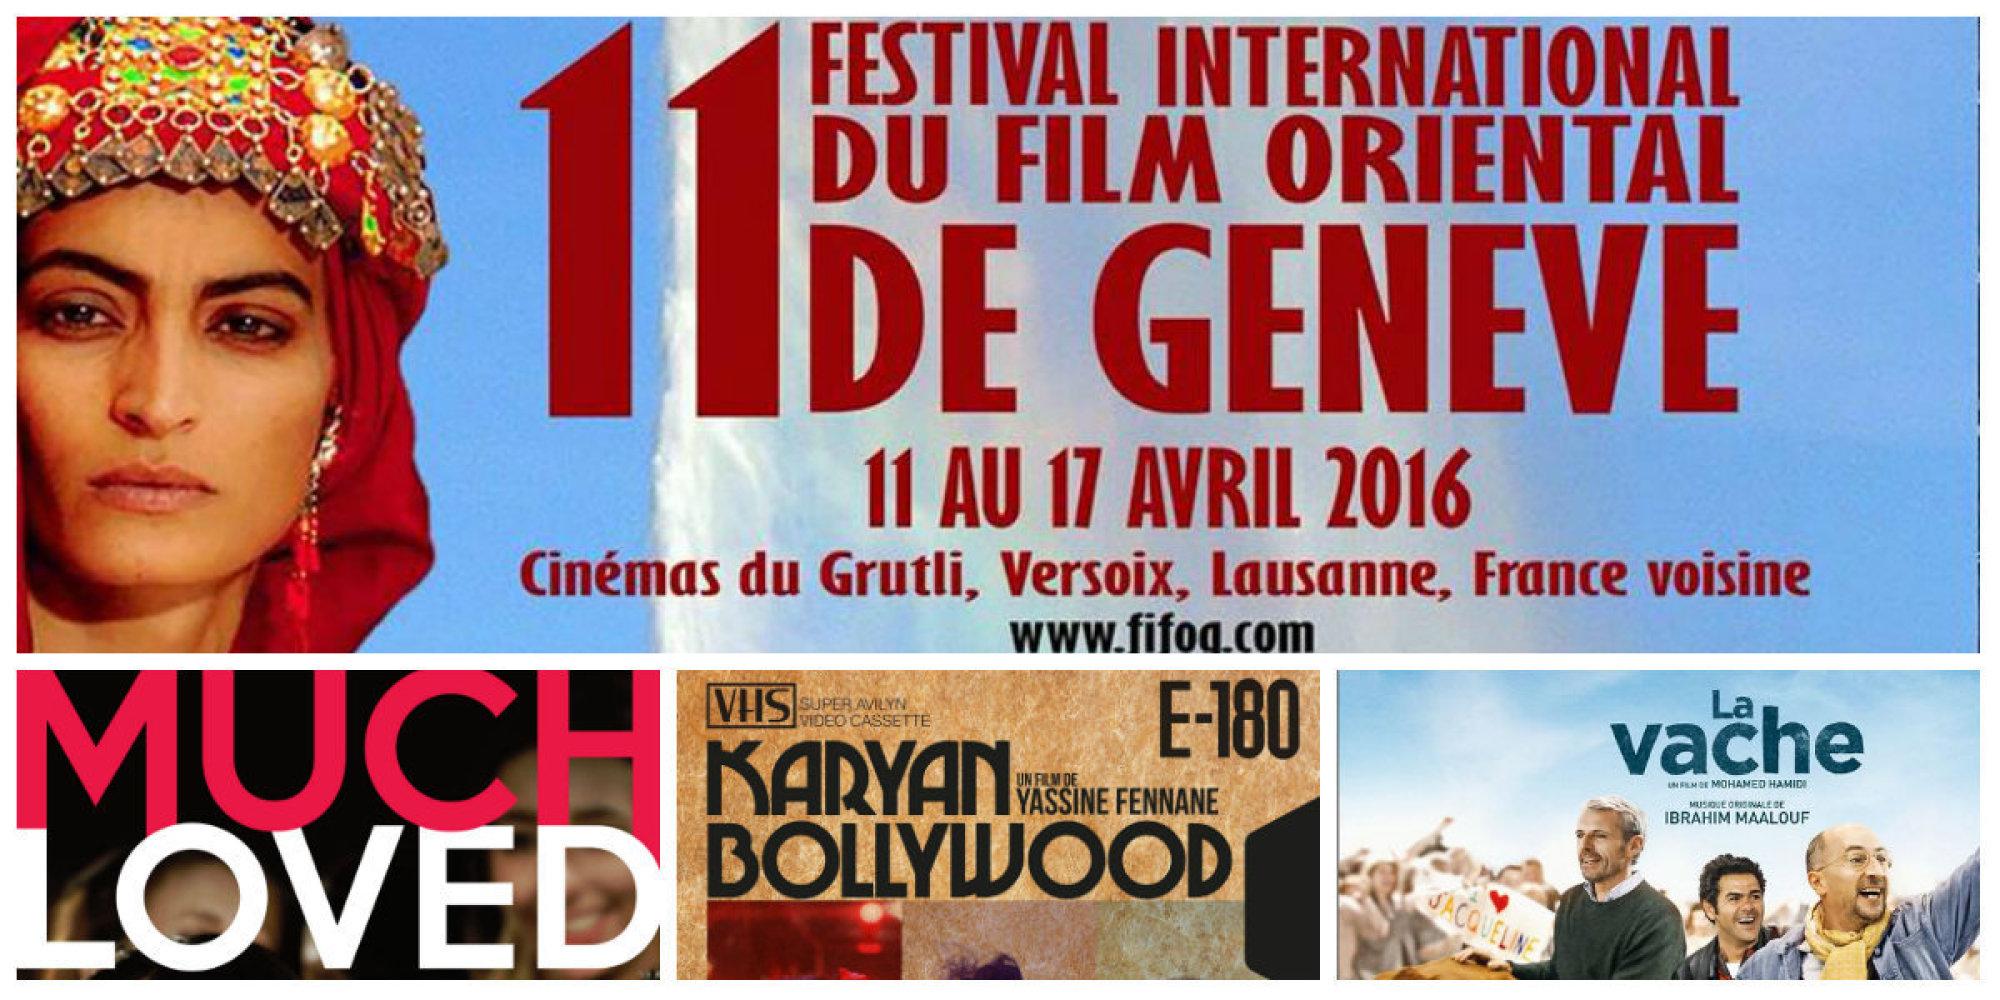 much loved la vache et cinq autres films marocains l 39 affiche du festival du film oriental. Black Bedroom Furniture Sets. Home Design Ideas